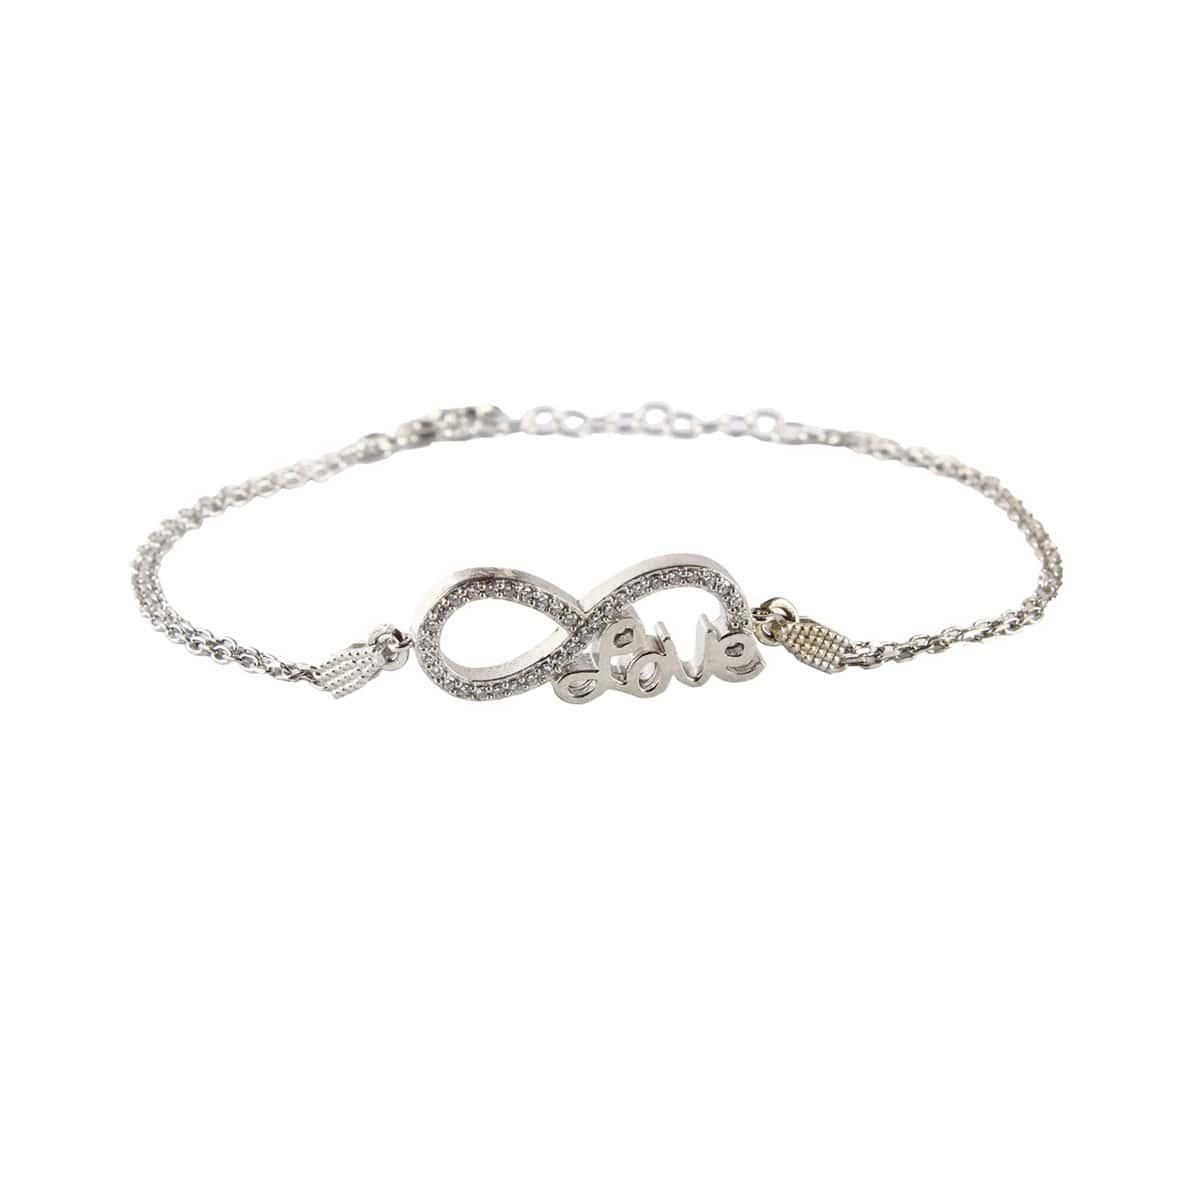 دستبند نگین دار نقره دخترانه مد و کلاس مدل عشق بی نهایت کد ۱۸۰۱۰۵